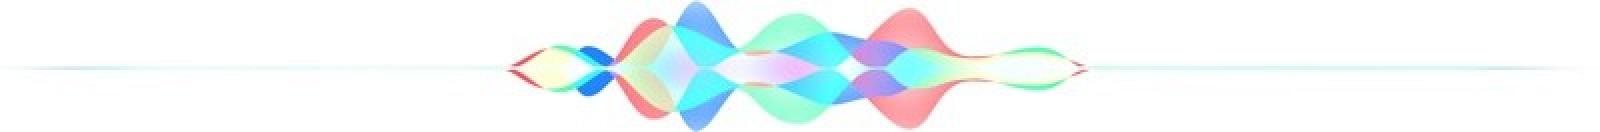 Siriwaveform 800x66